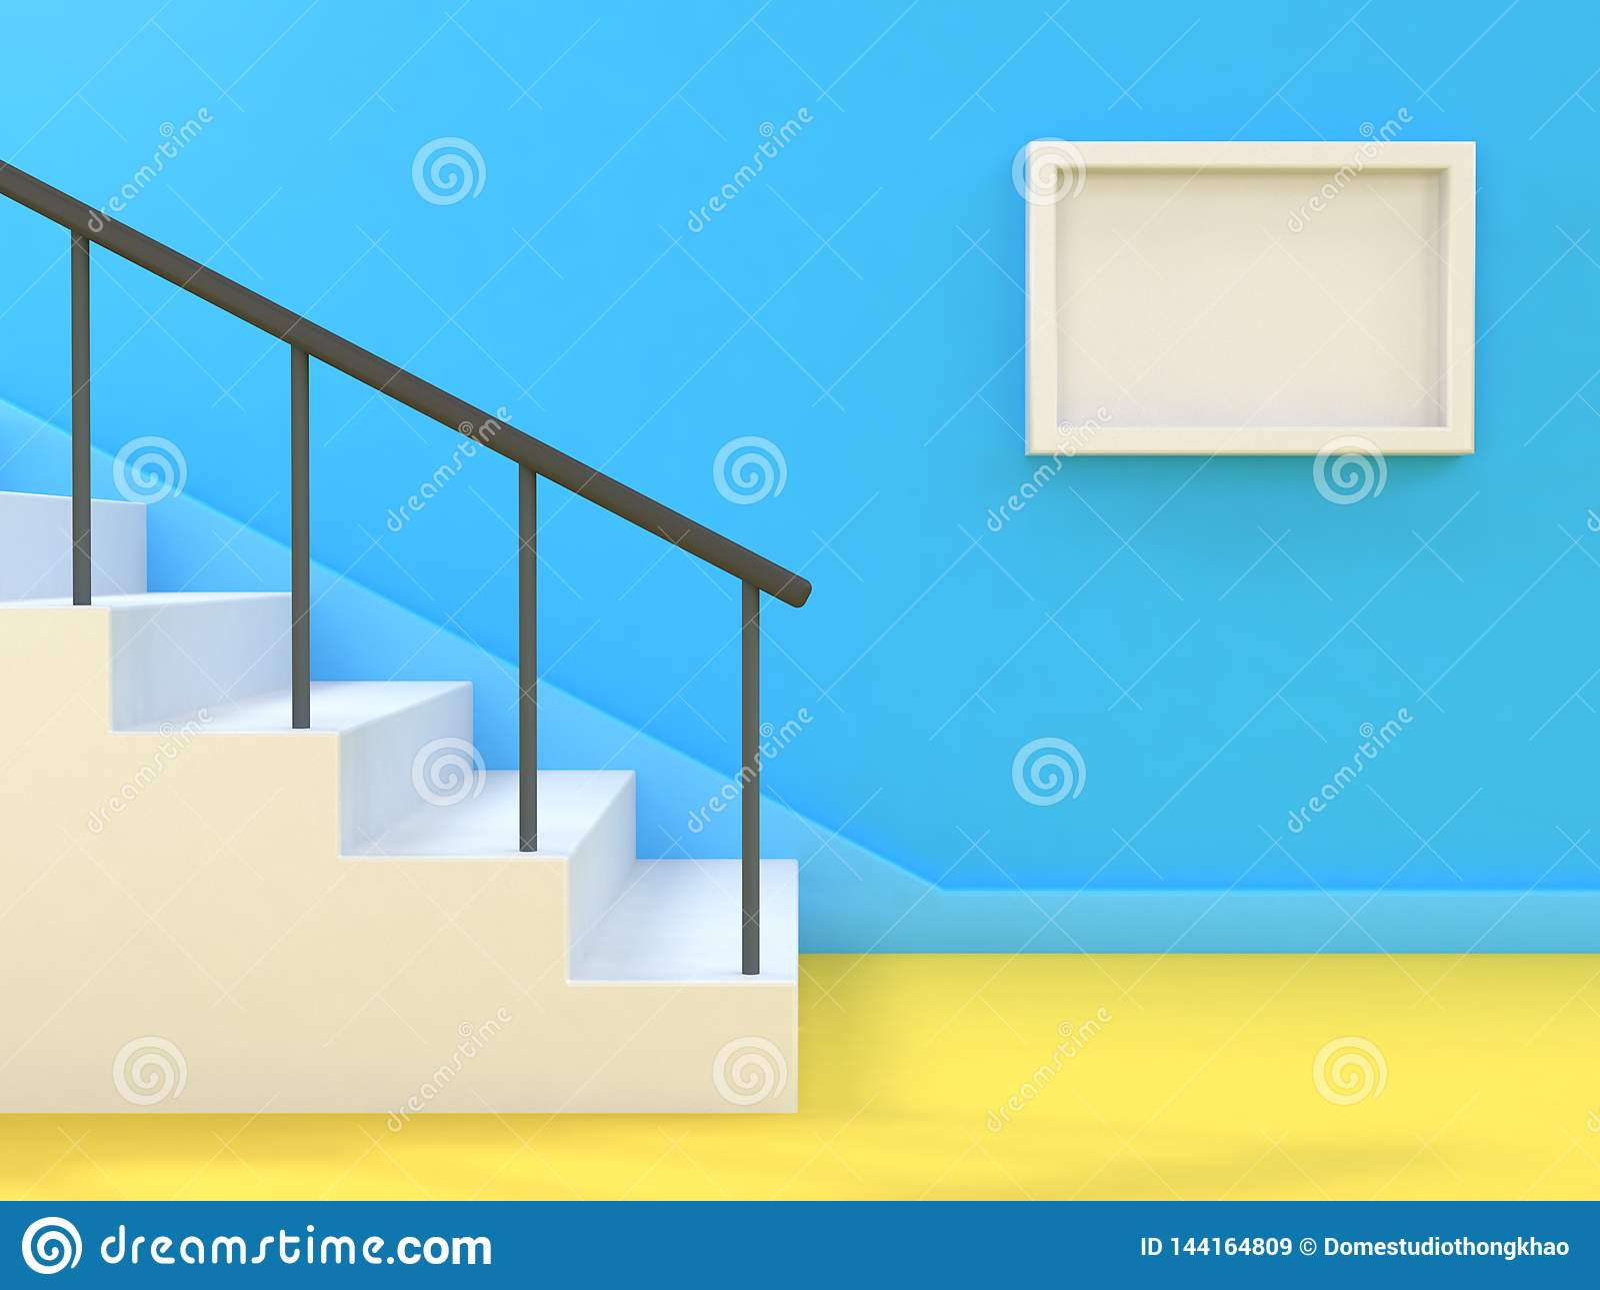 Marco blanco 3d del fondo del espacio en blanco abstracto mínimo de la escalera-escalera rendir la pared azul